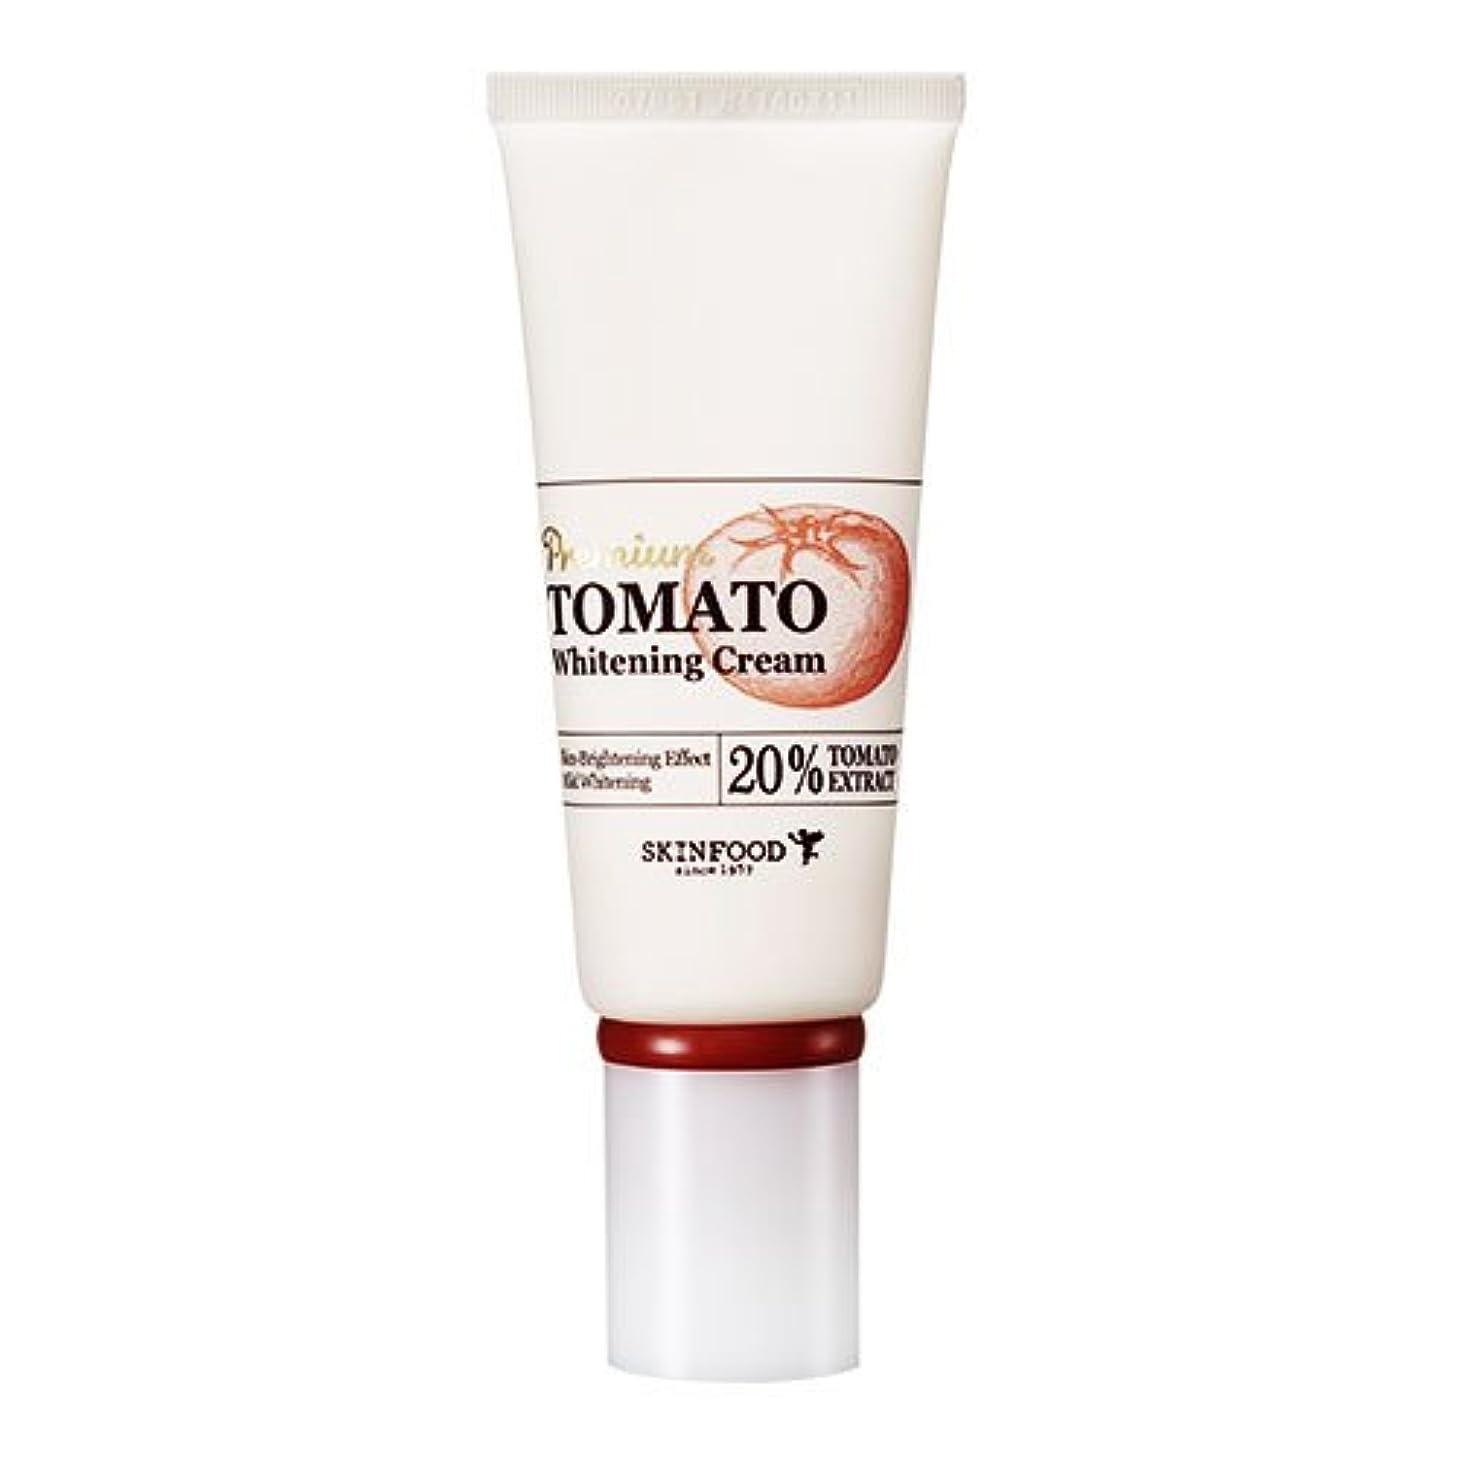 必須モノグラフピルSkinfood プレミアムトマトホワイトニングクリーム(美白効果) / Premium Tomato Whitening Cream (Skin-Brightening Effect) 50g [並行輸入品]